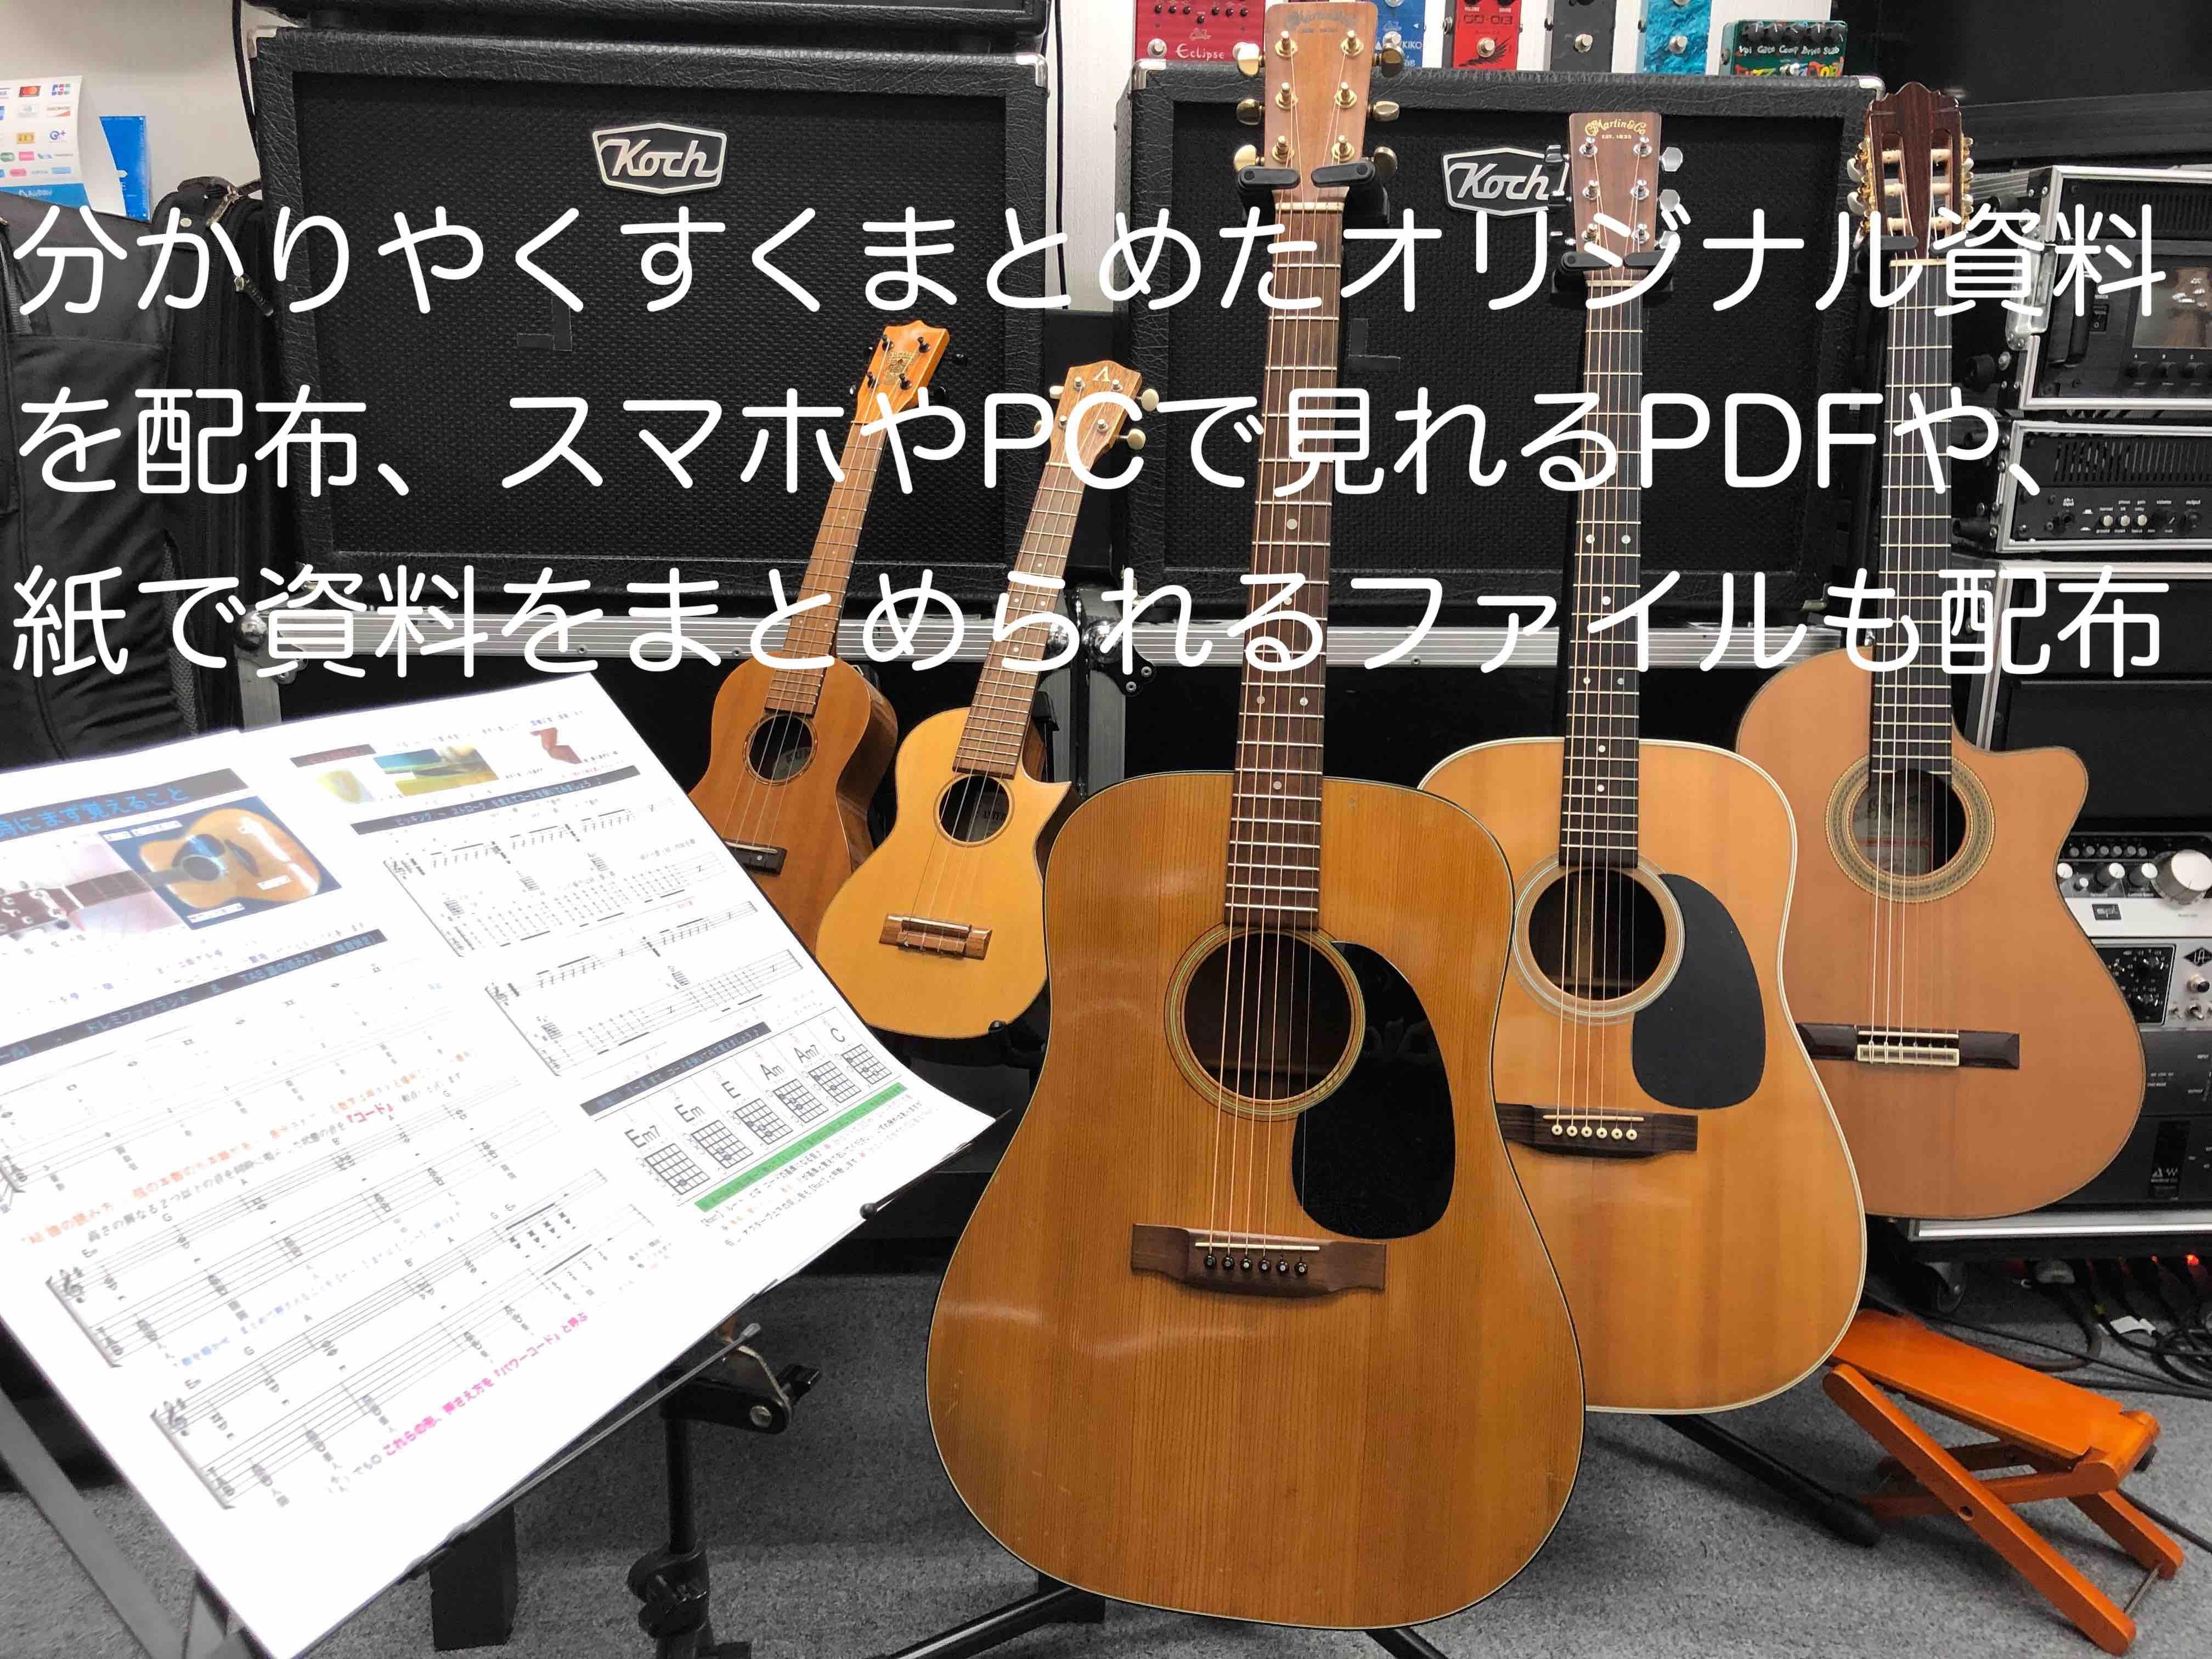 TELLYギター教室のアコースティックギターとウクレレ